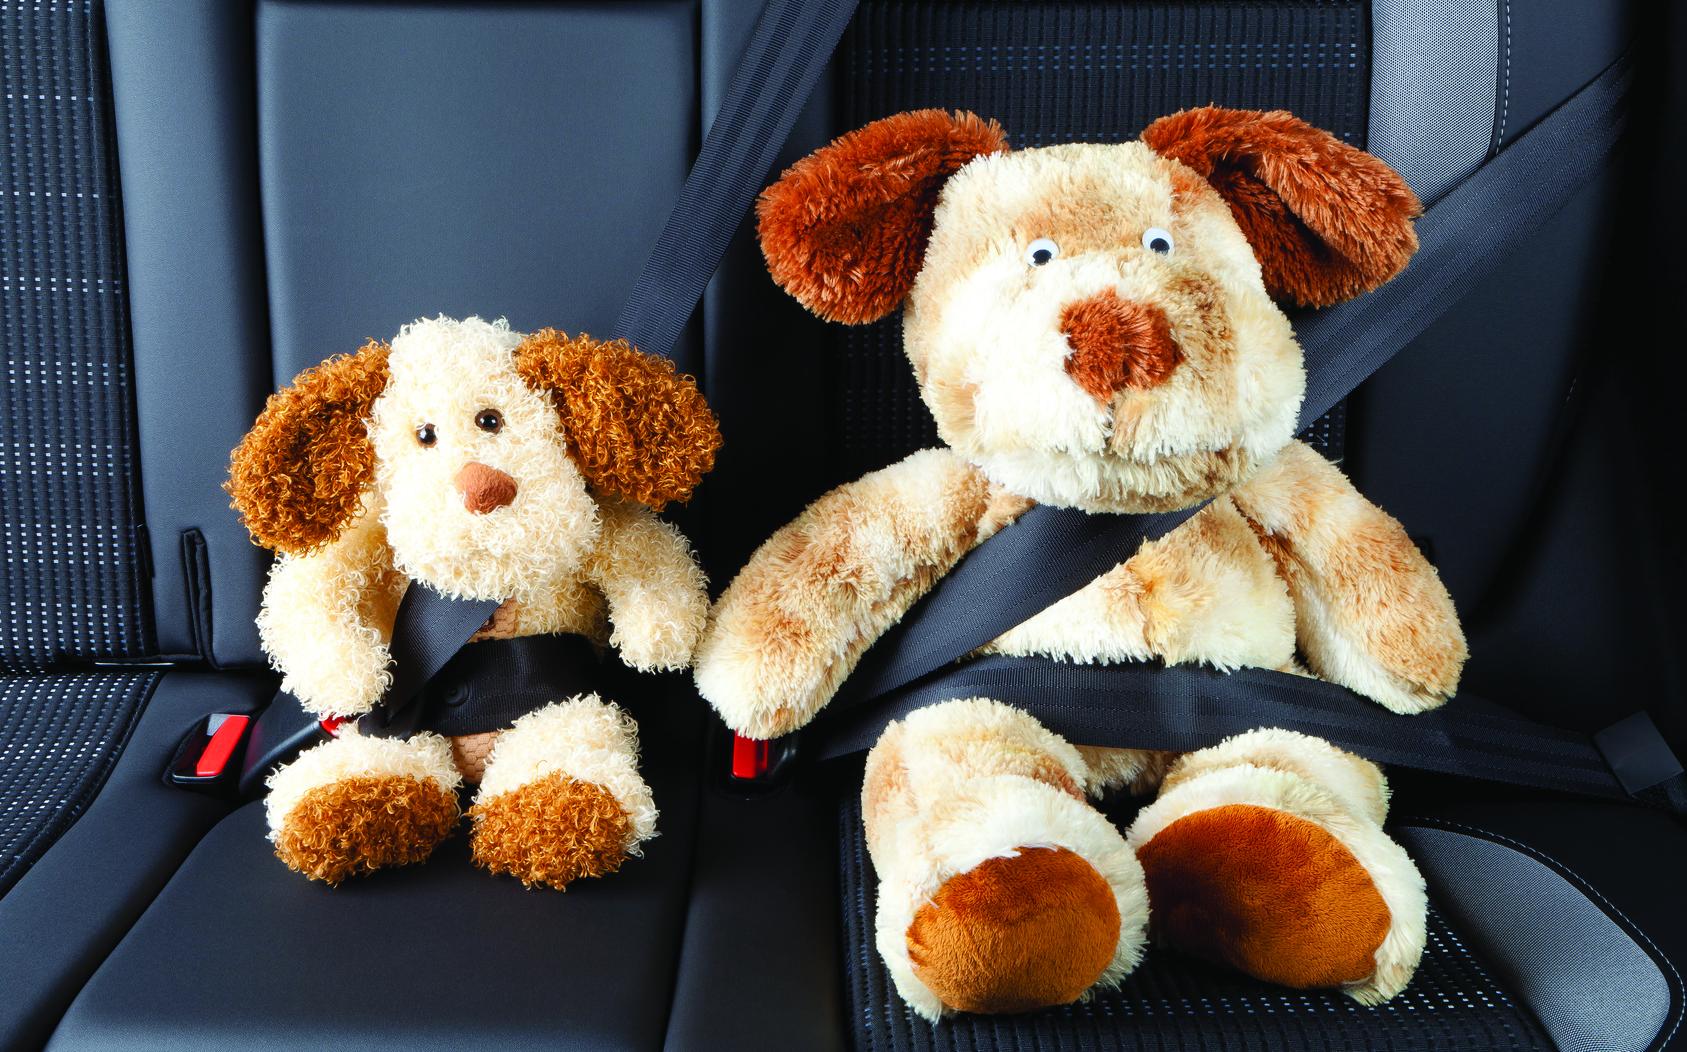 Ασφάλεια Ατυχημάτων - Ομαδικά Προγράμματα